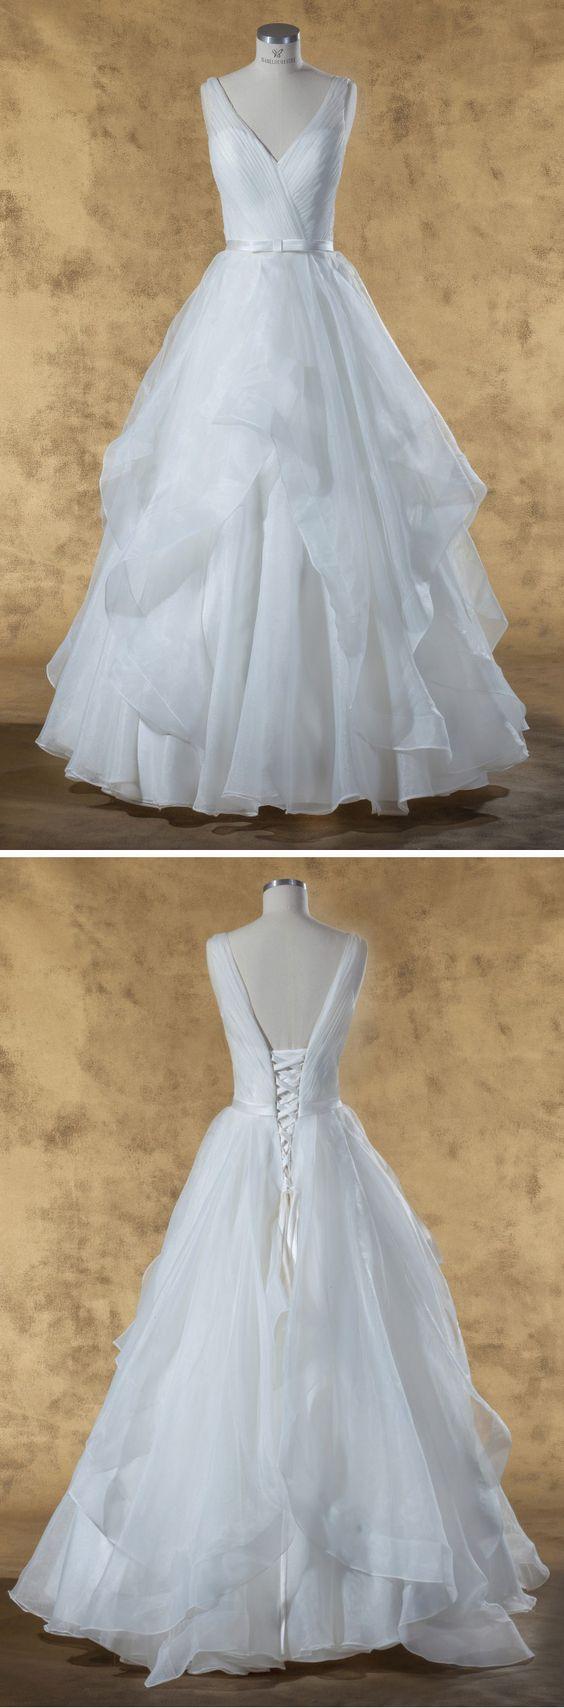 """Isabel de Mestre - New York Kollektion 2017: Prinzessinnen-Brautkleid """"Ariadne"""" mit transparenten Trägern."""